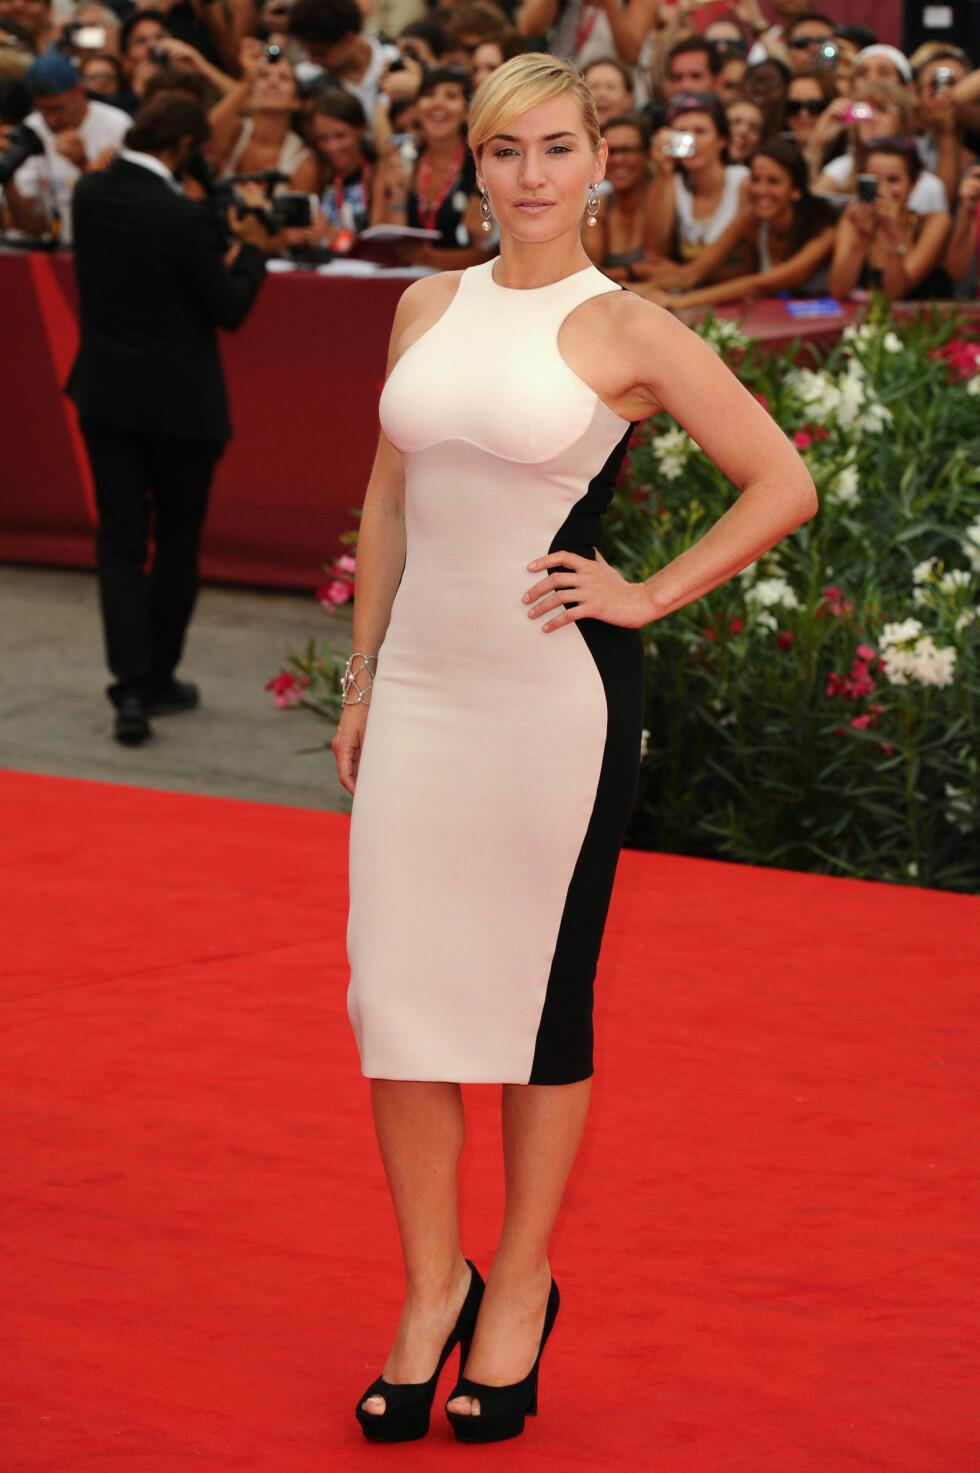 KJOLEPERFEKSJON: Kate Winslet var et syn i denne kjolen fra Stella McCartney på filmfestivalen i Venezia i 2012. Foto: REX/David Fisher/All Over Press